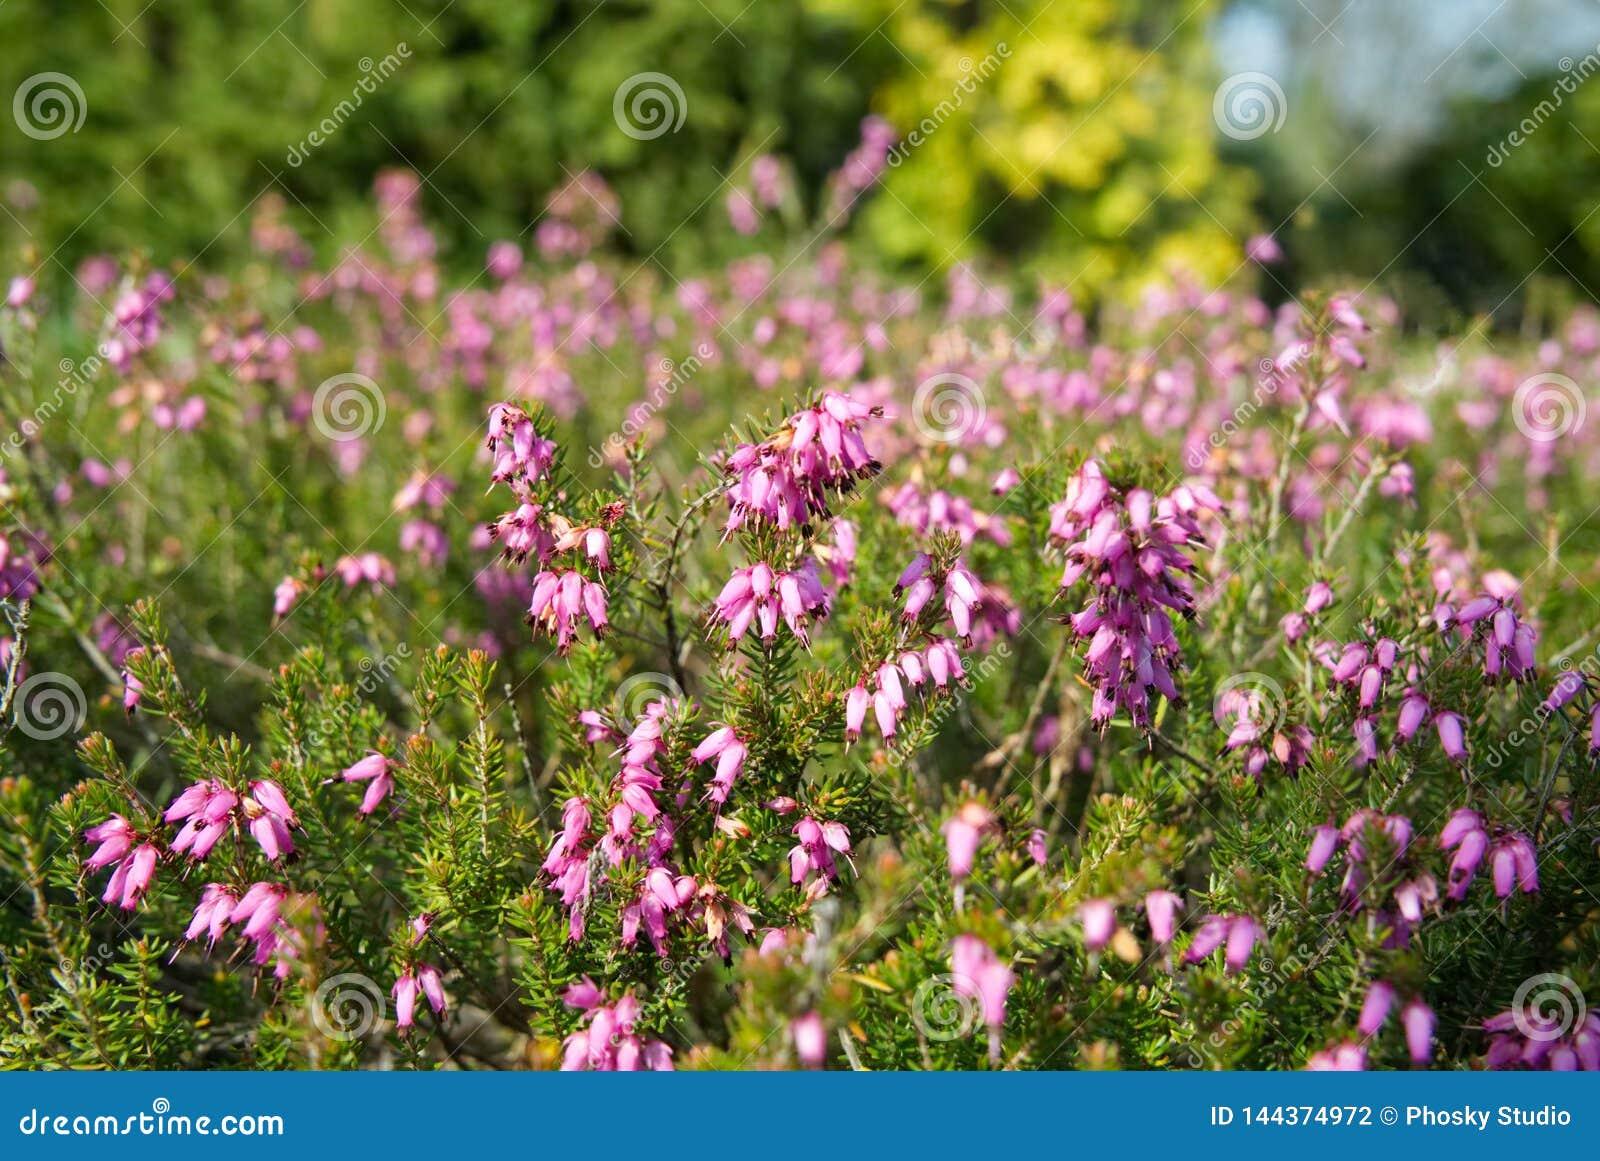 Pequeñas flores rosadas en un arbusto conífero